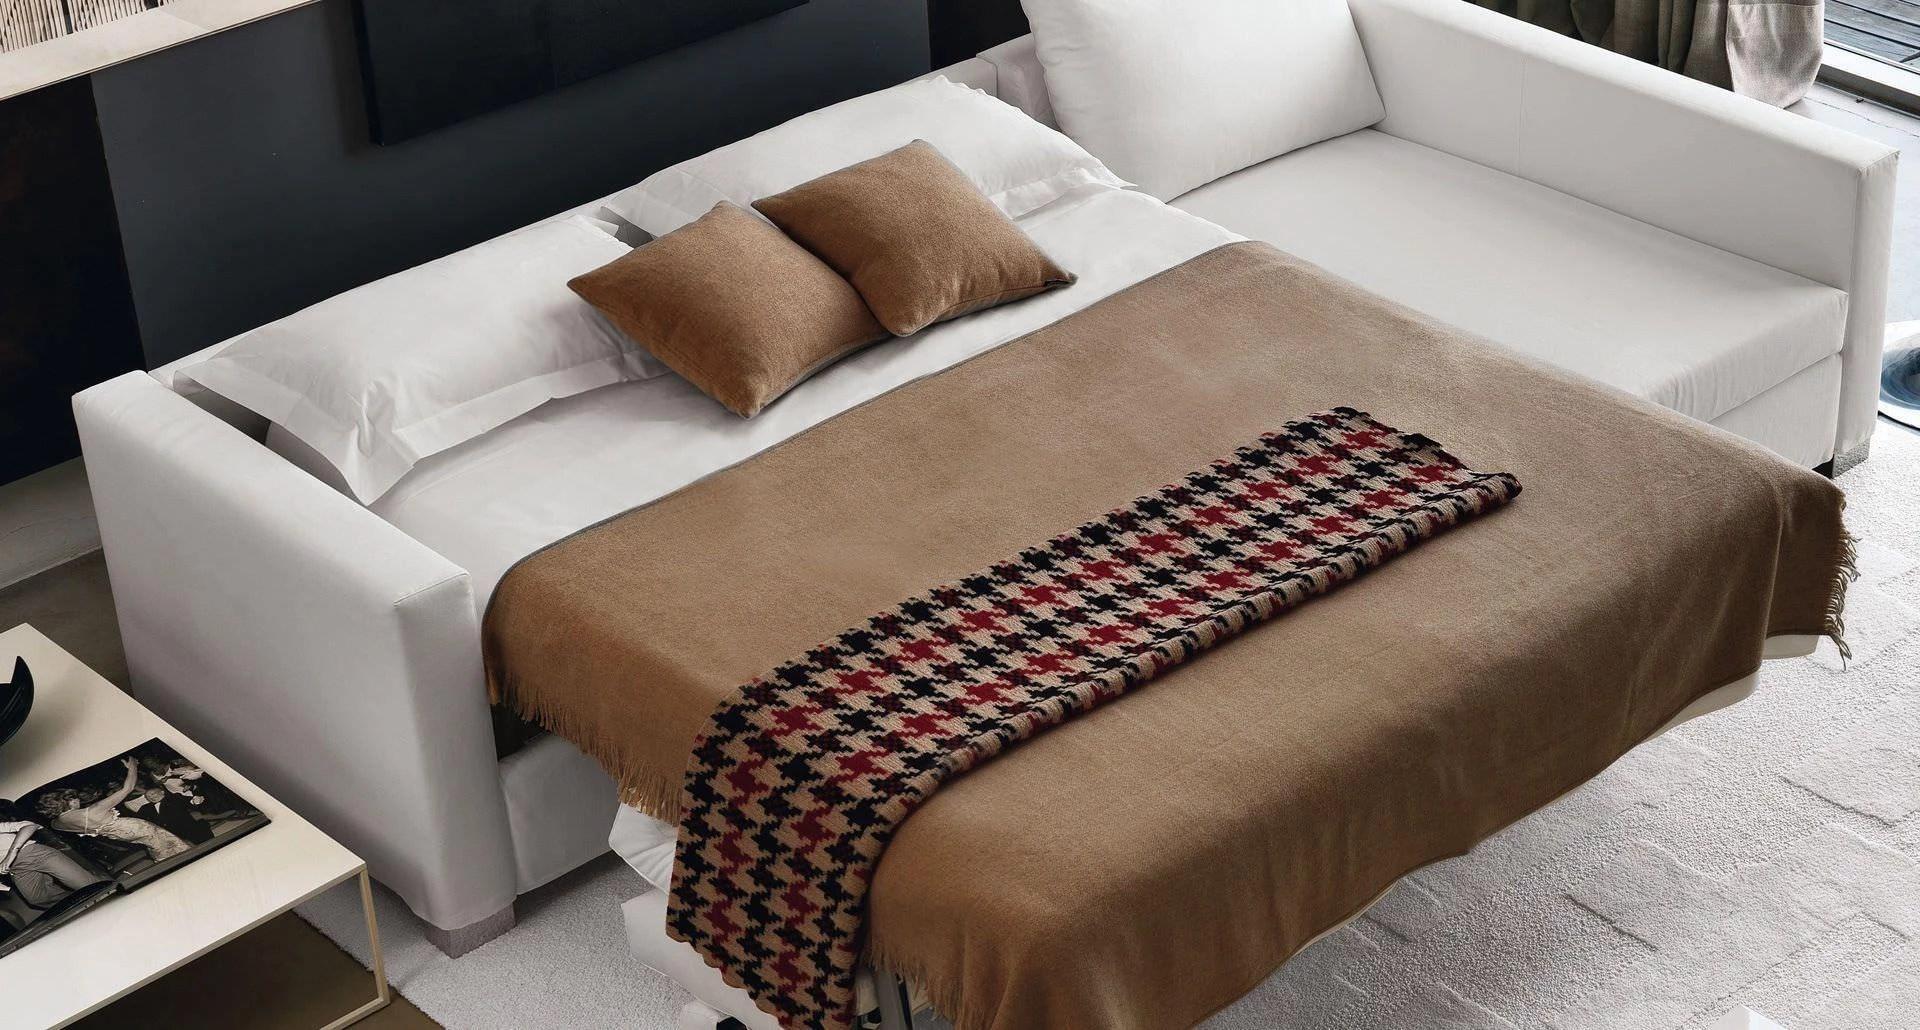 sofa cama walmart brasil small curved outdoor sofá aprenda a usar peça na decoração de casa